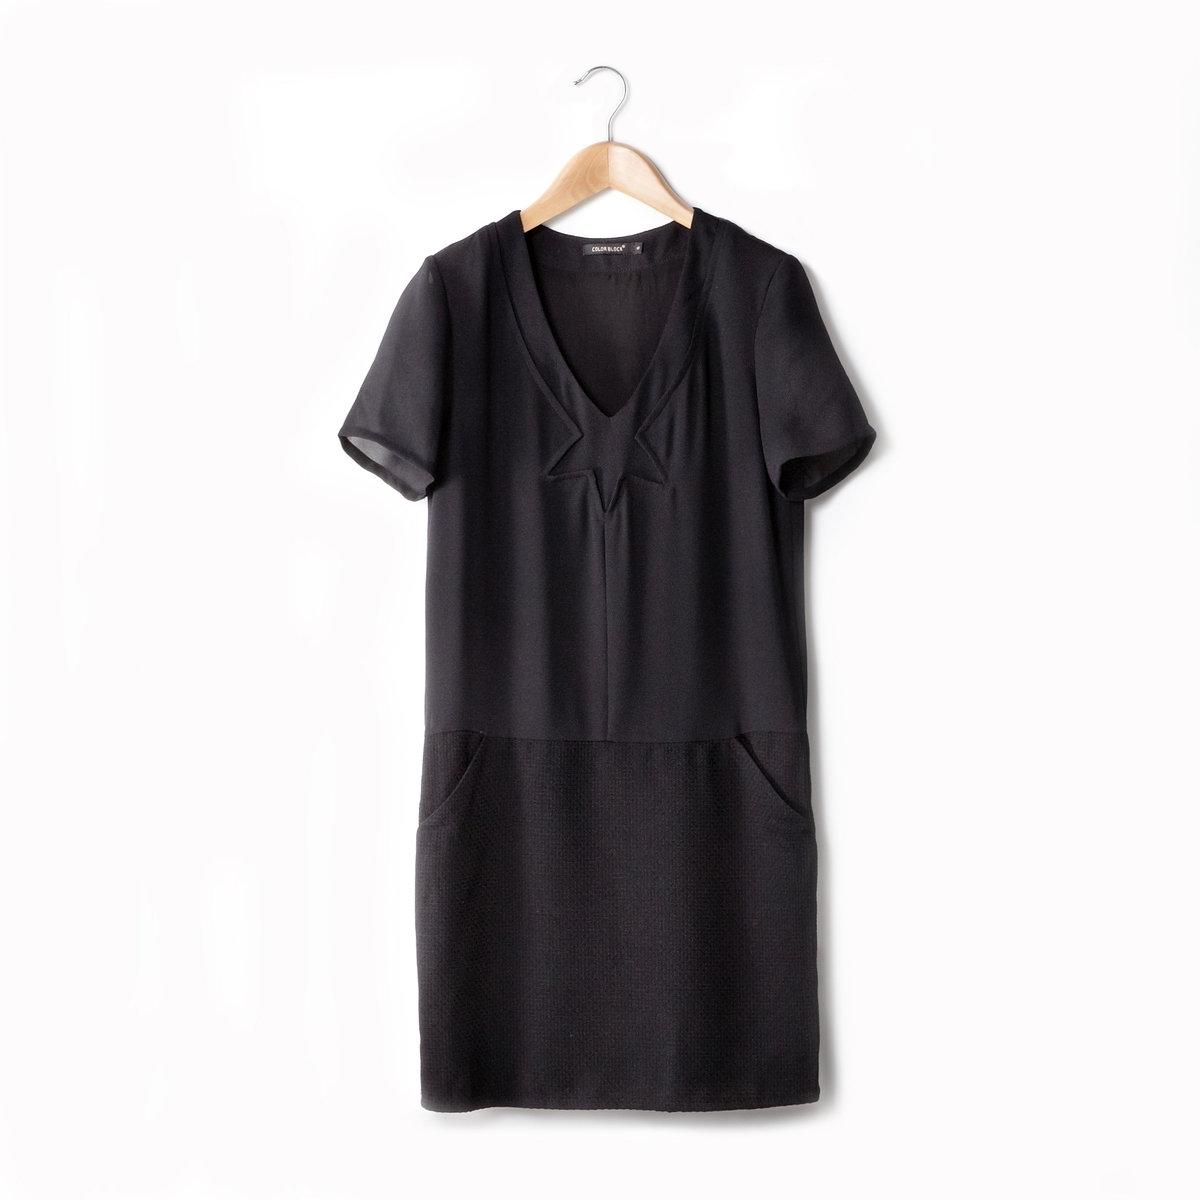 Платье из двух материалов с короткими рукавамиВНИМАНИЕ! Платье цвета белый/розовый по факту однотонное, целиком розового цвета.<br><br>Цвет: черный<br>Размер: S